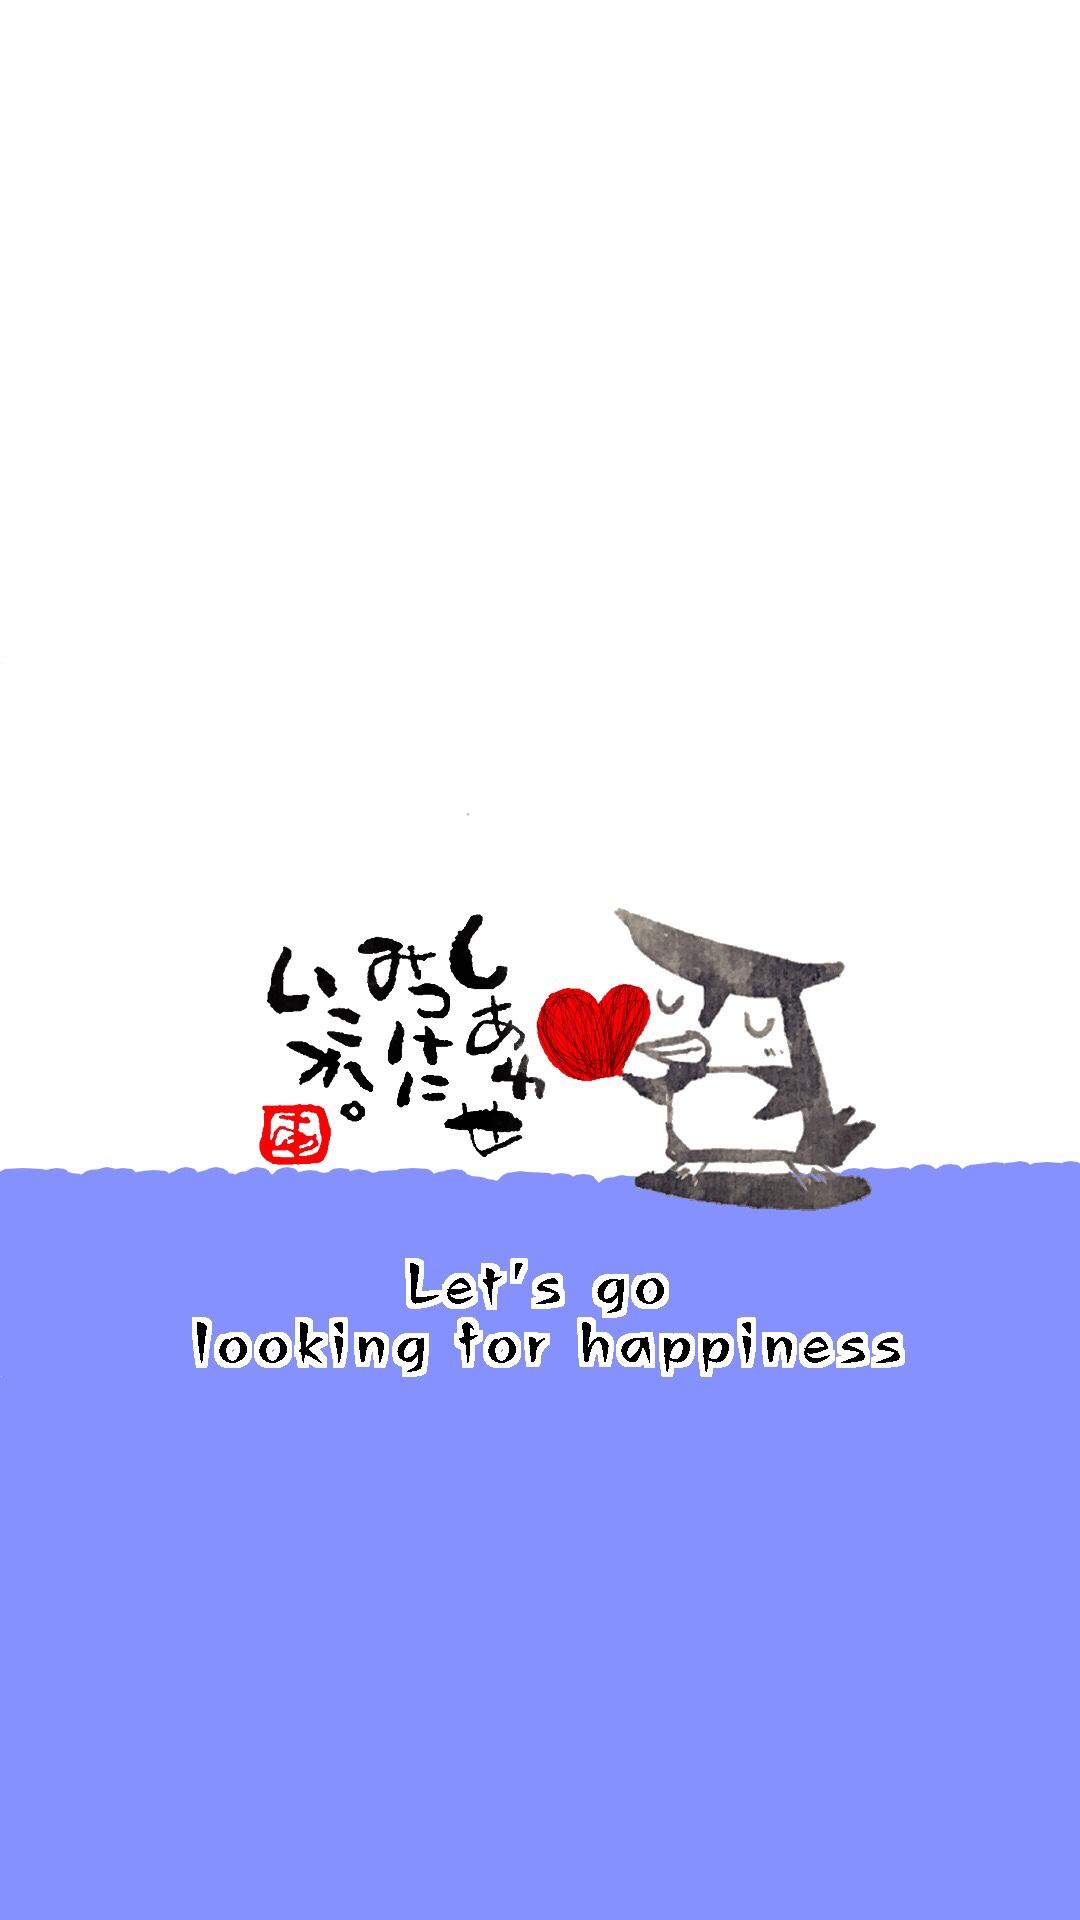 iPhone壁紙 ペンギンのイラストと筆文字その3